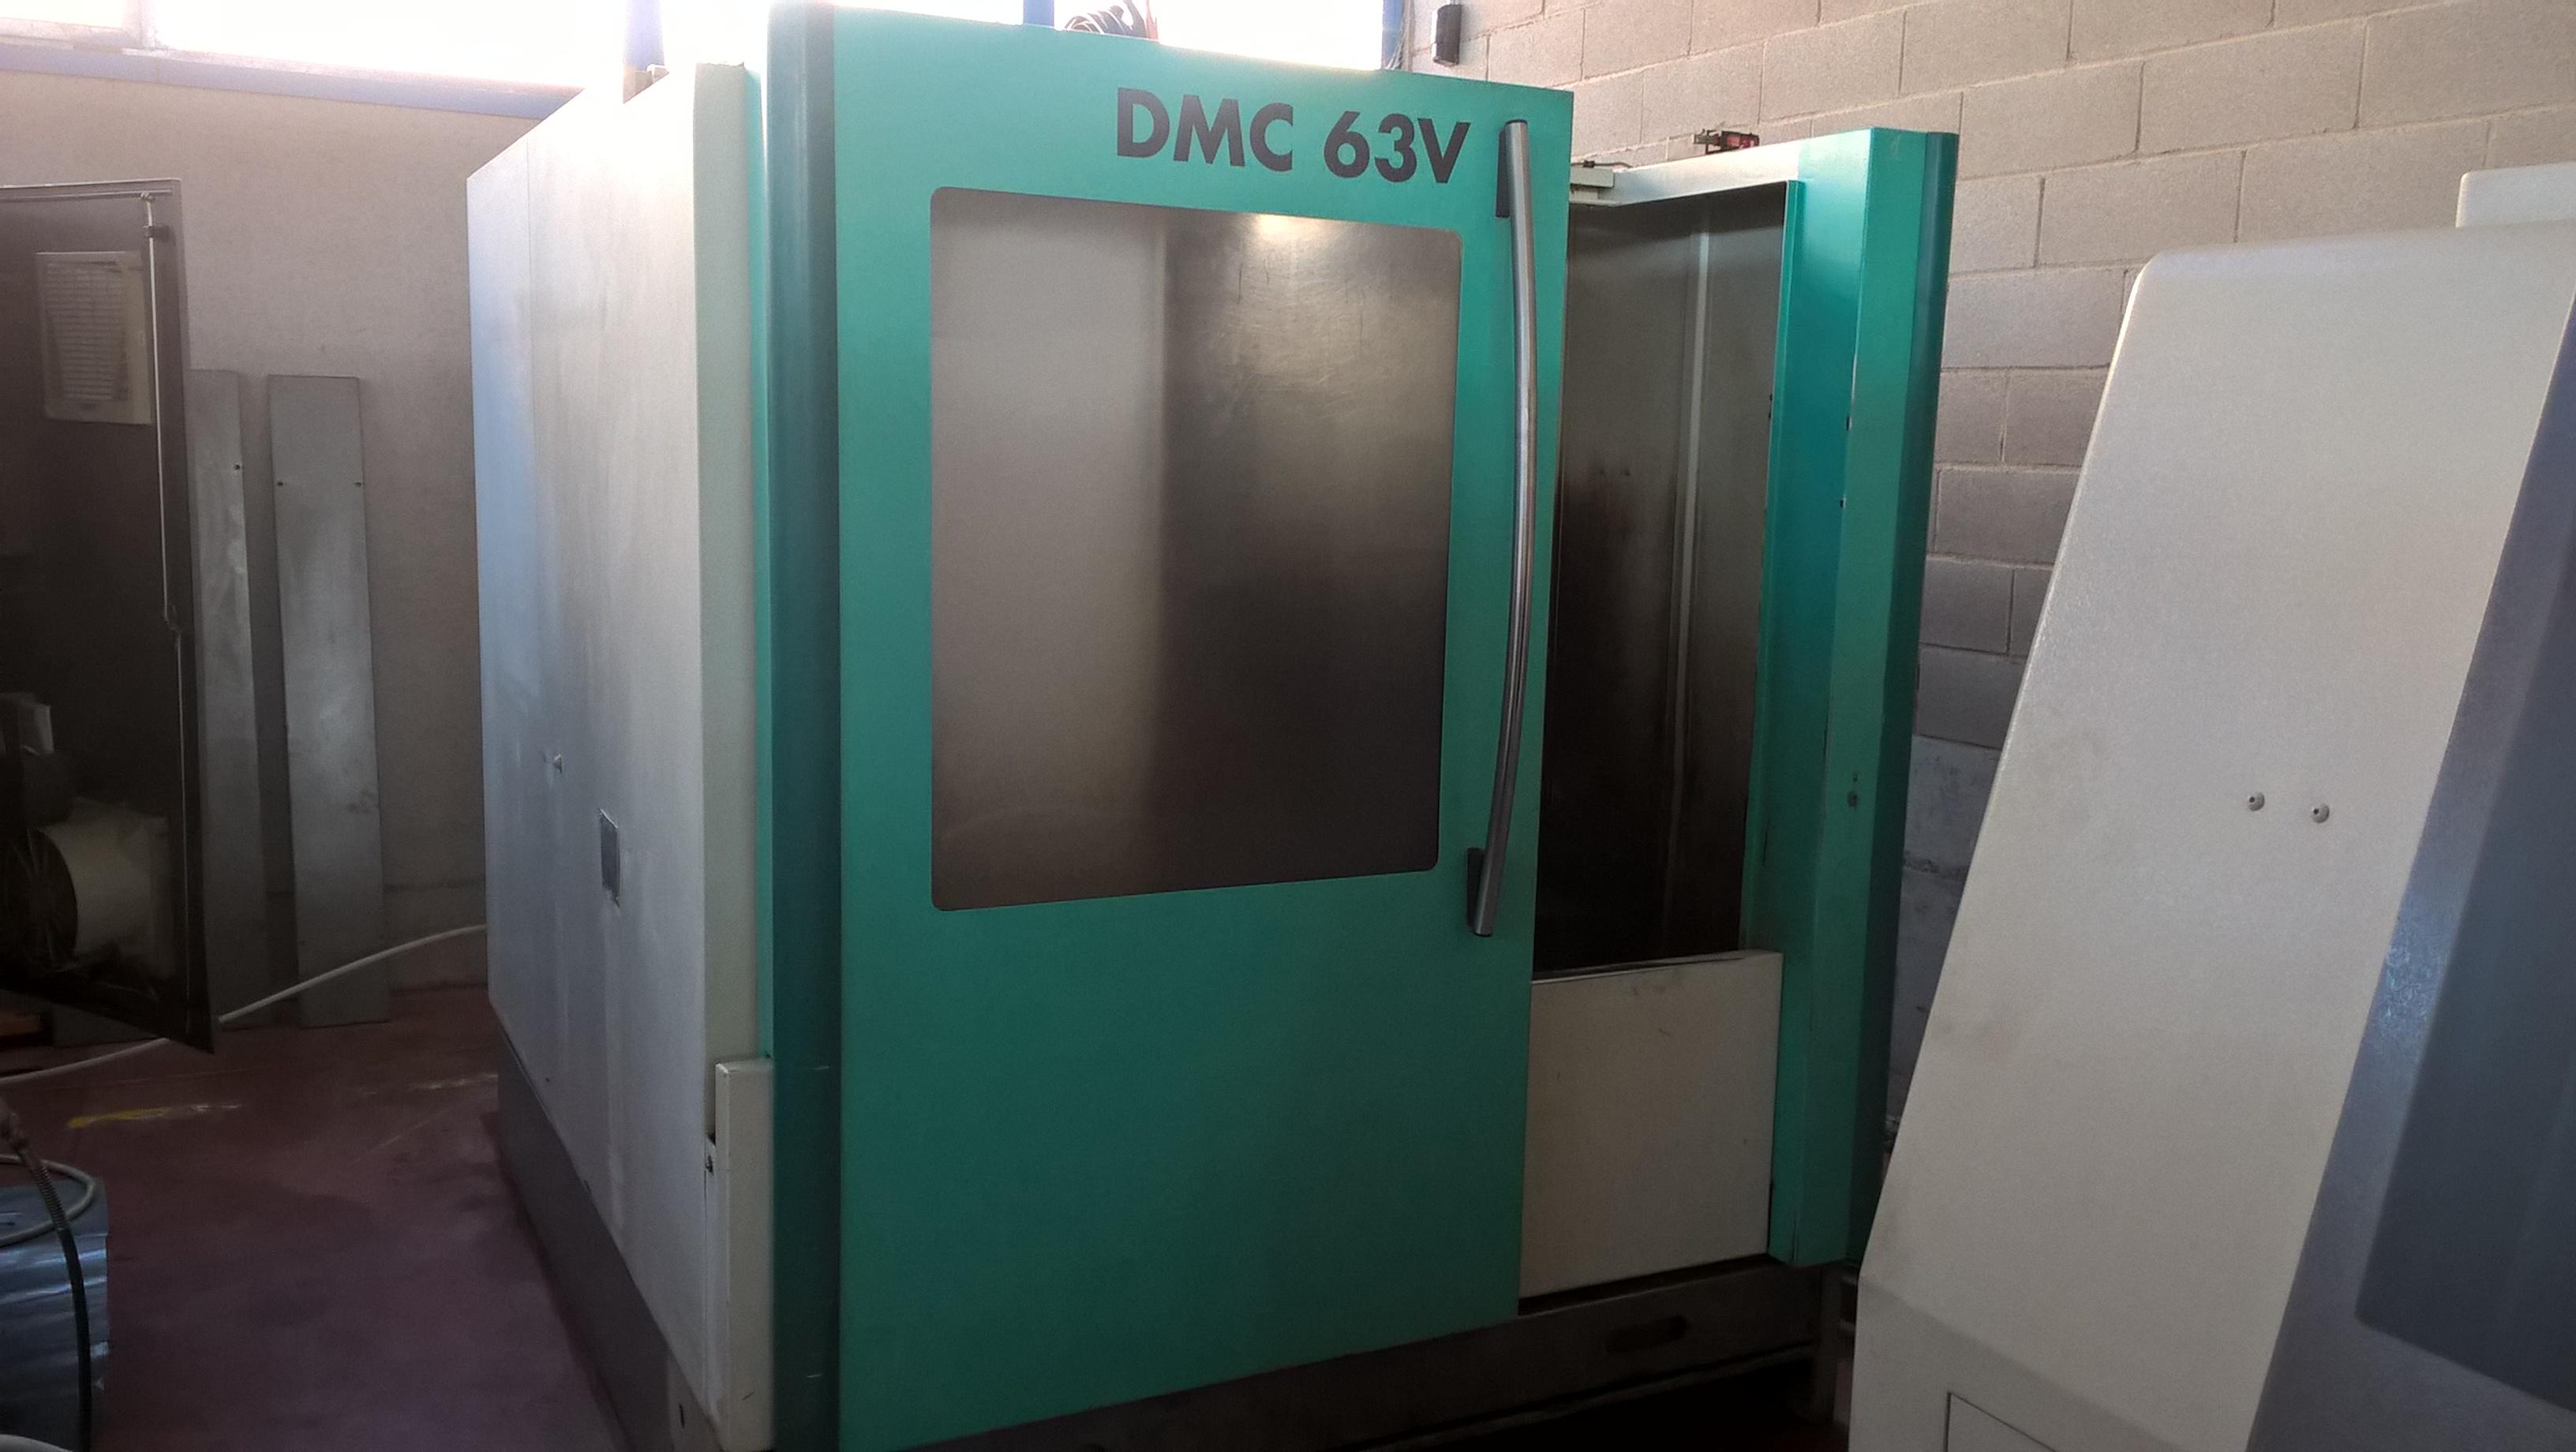 DMC 63 V MACCHINA